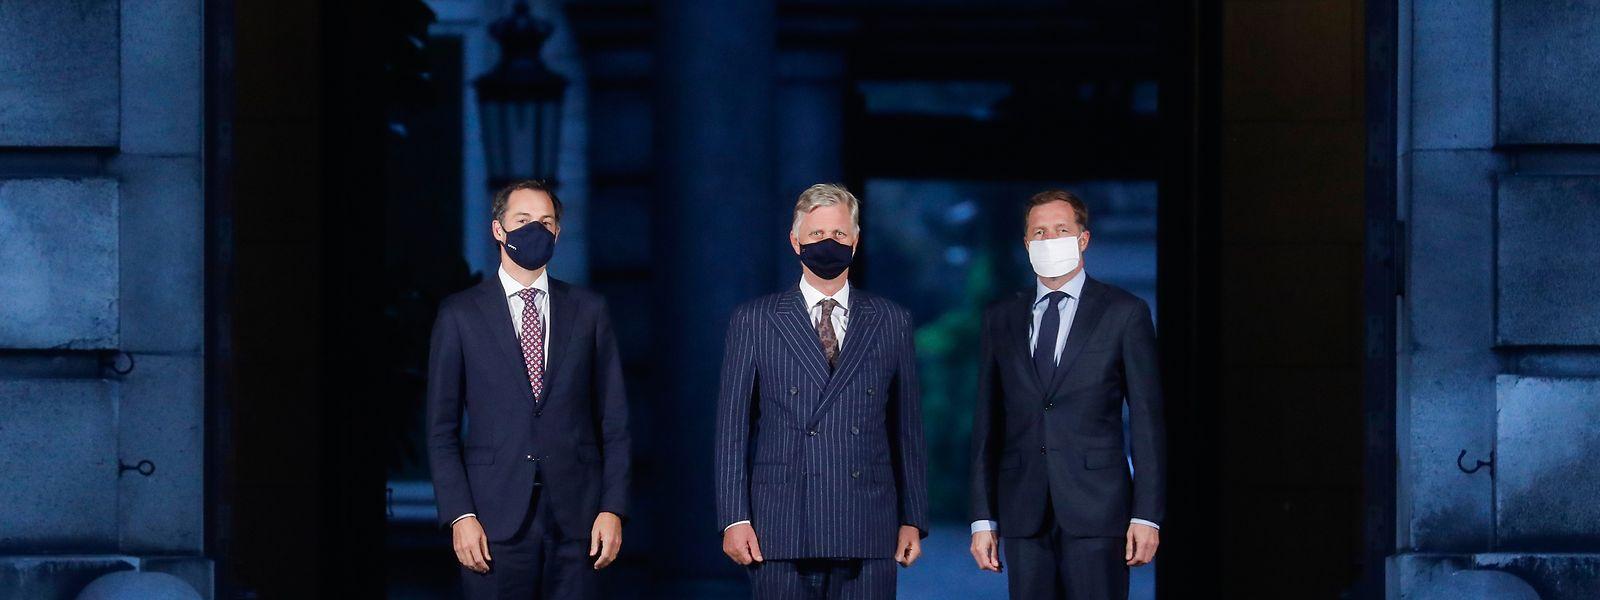 Le futur Premier ministre Alexander De Croo (à gauche) lundi lors d'une réunion avec le roi Philippe de Belgique (au centre) et Paul Magnette, maire de Charleroi.